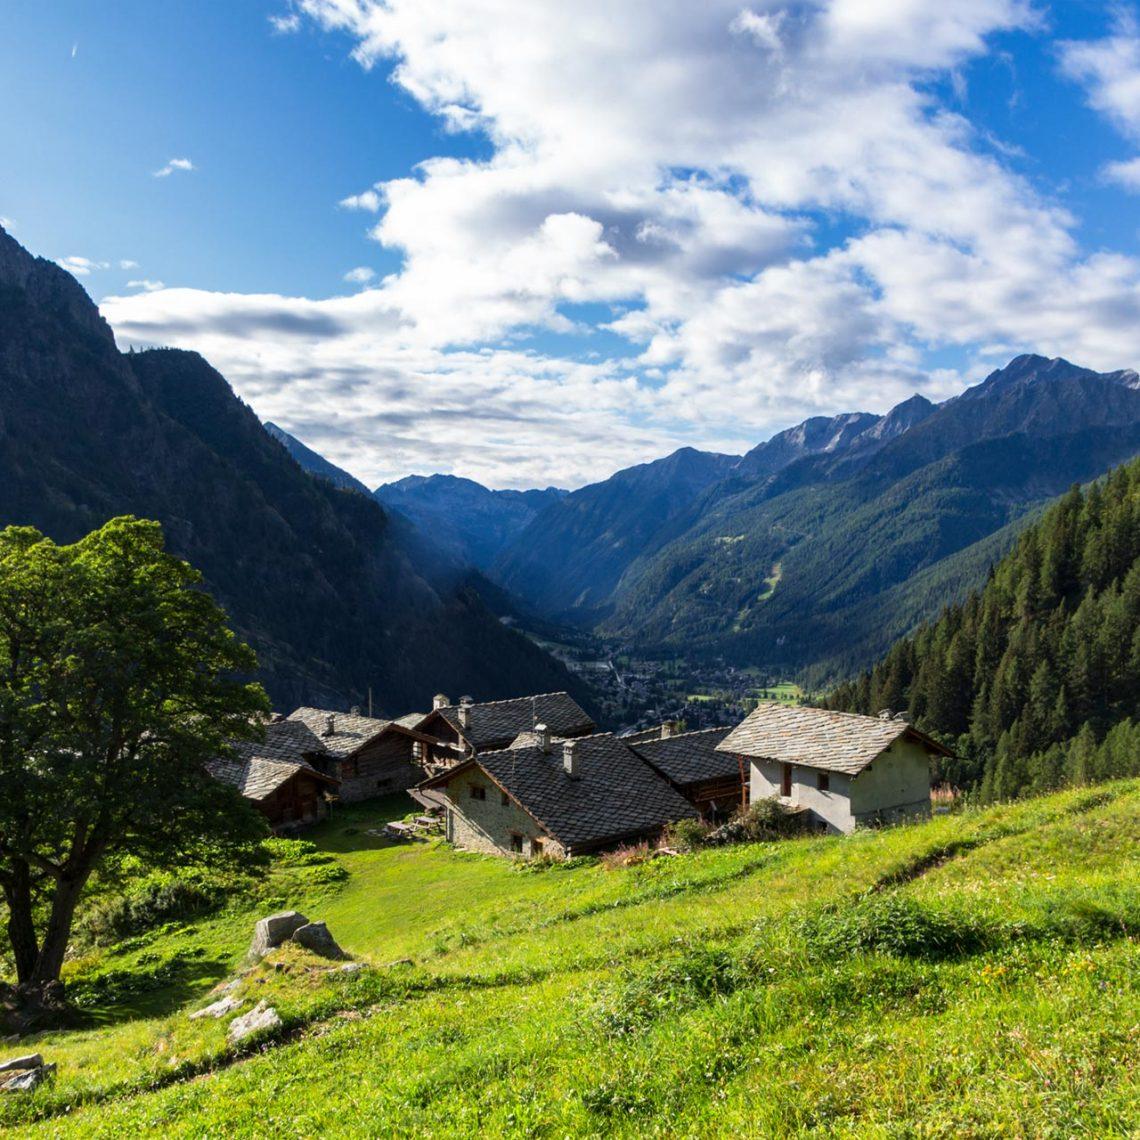 Immer wieder erhalte ich tolle Einblicke in das Ayastal, was ein Nebental des Aostatals ist und mit den Ortschaften Champoluc und Antagnod reich an Geschichte.